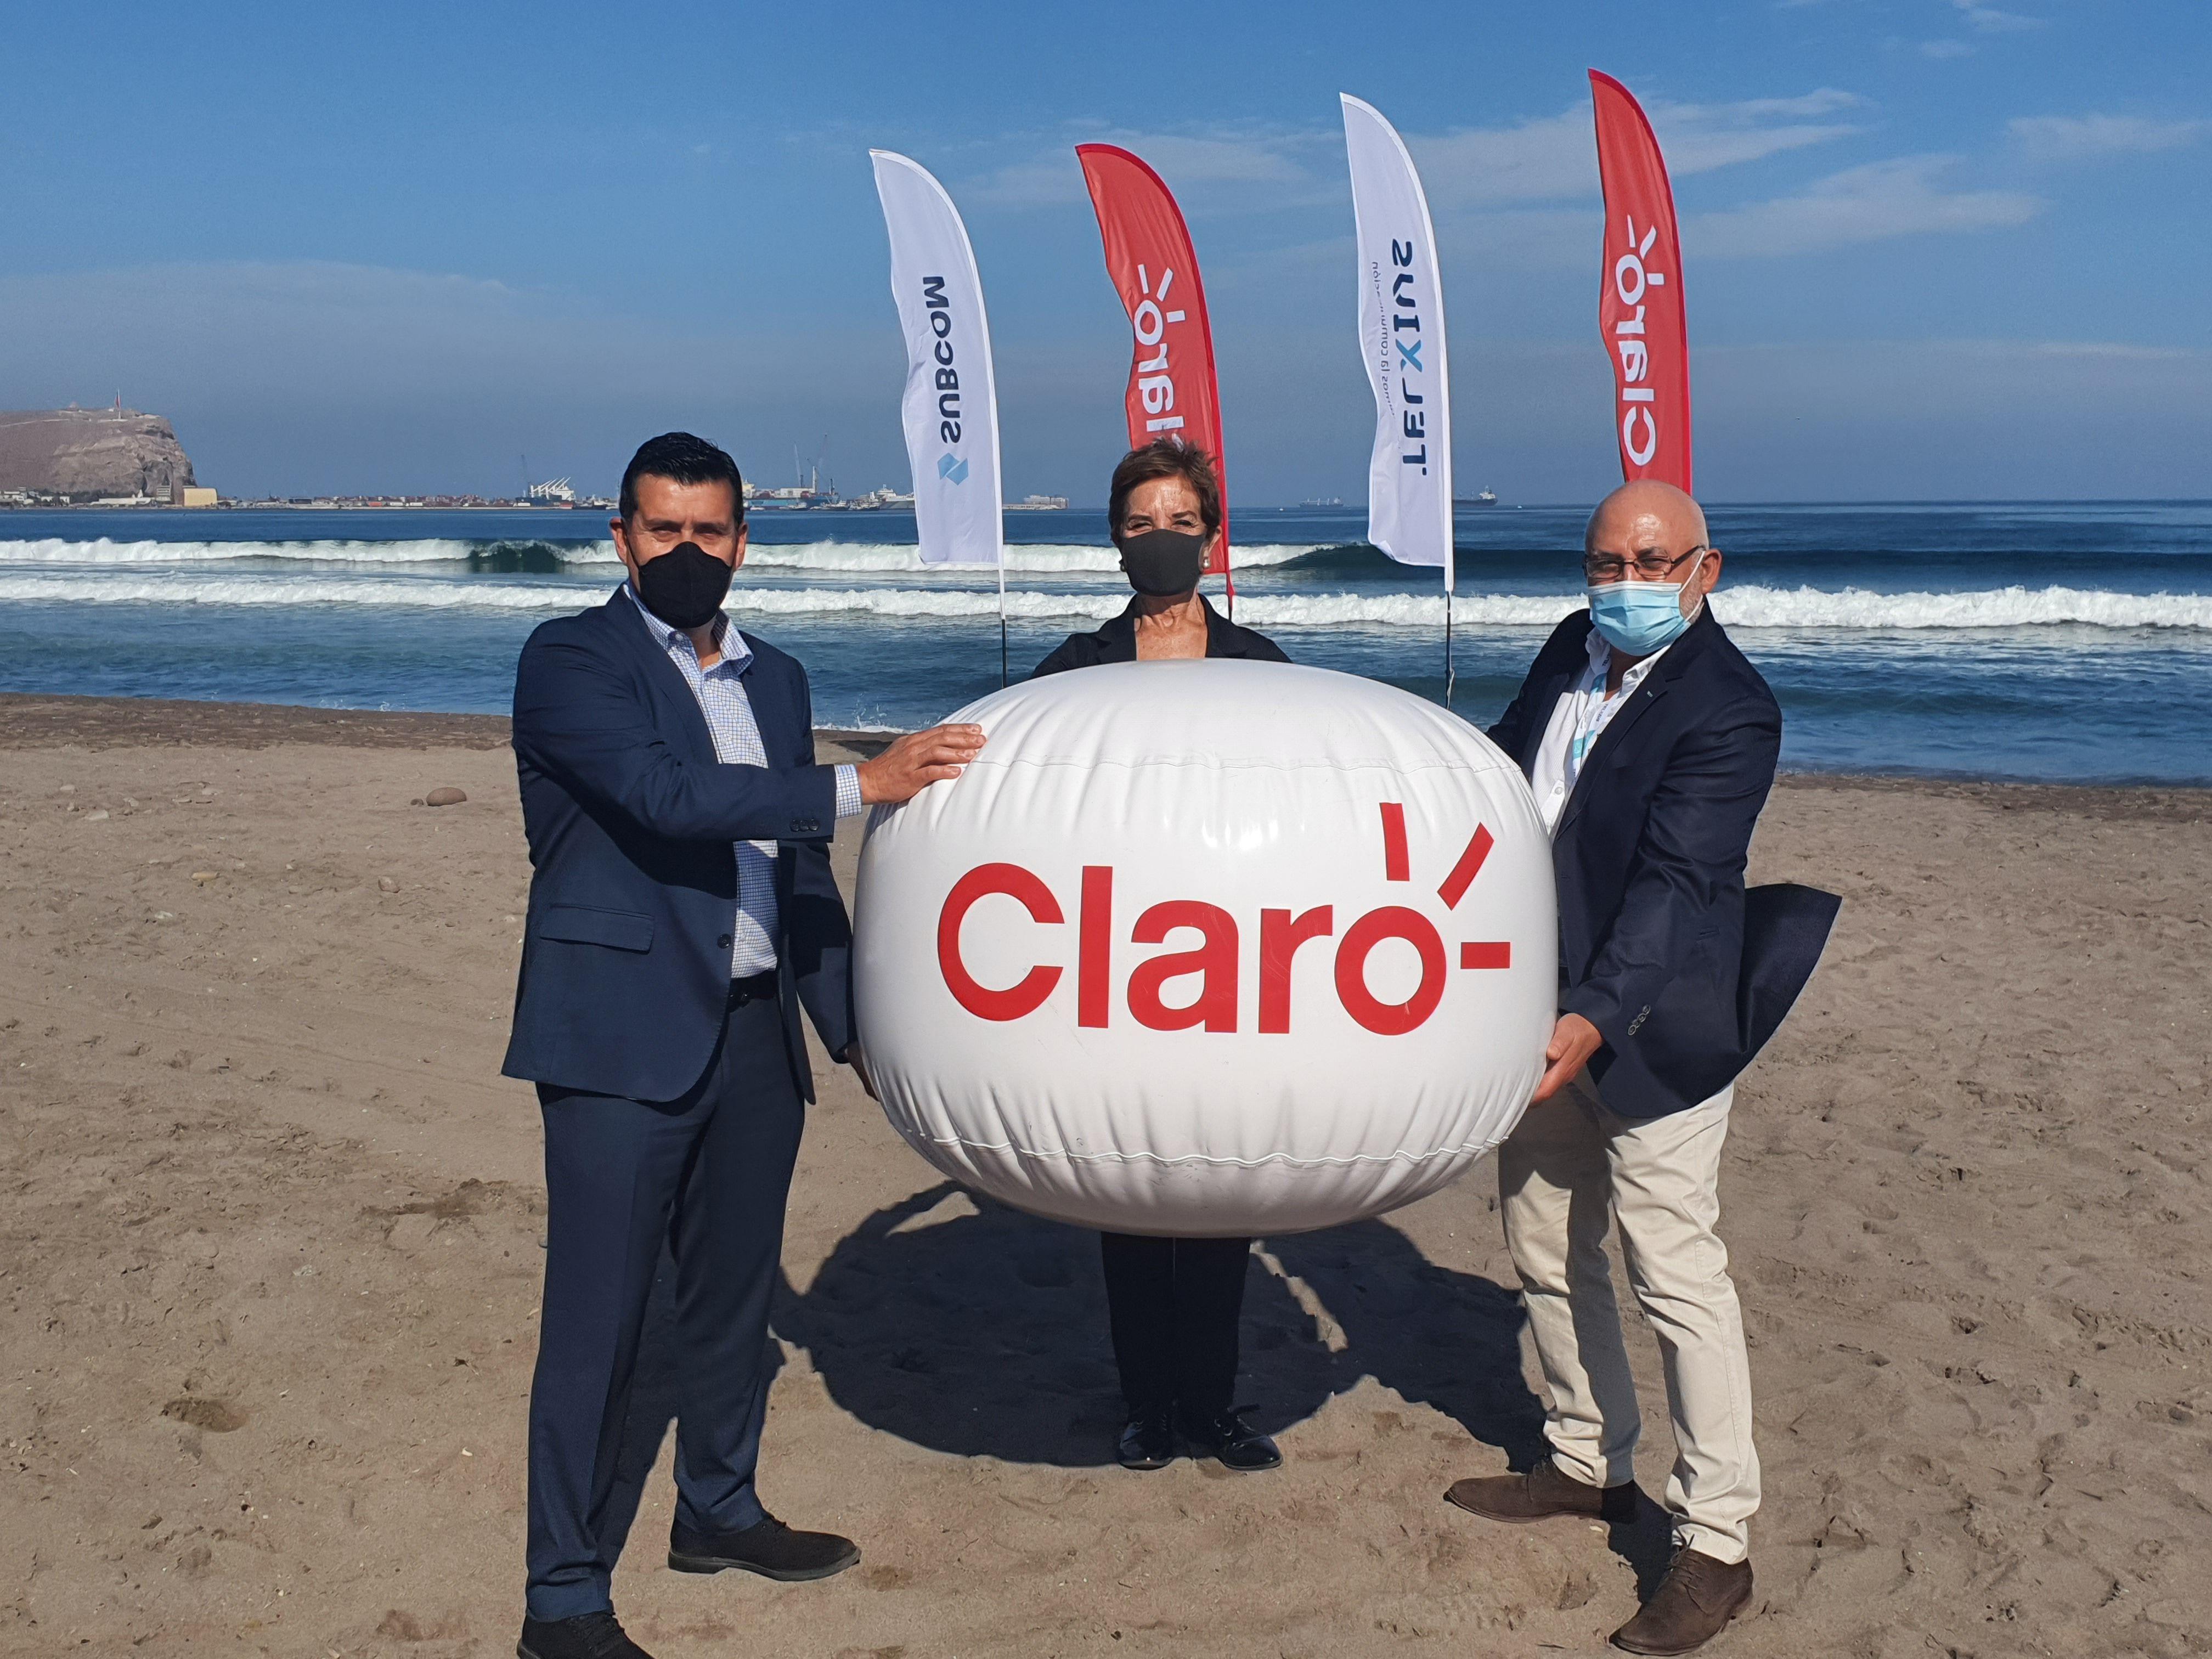 Telxius y Claro Chile dieron a conocer la llegada de un nuevo cable de fibra óptica submarina en dos puntos de amarre: Valparaíso y Arica